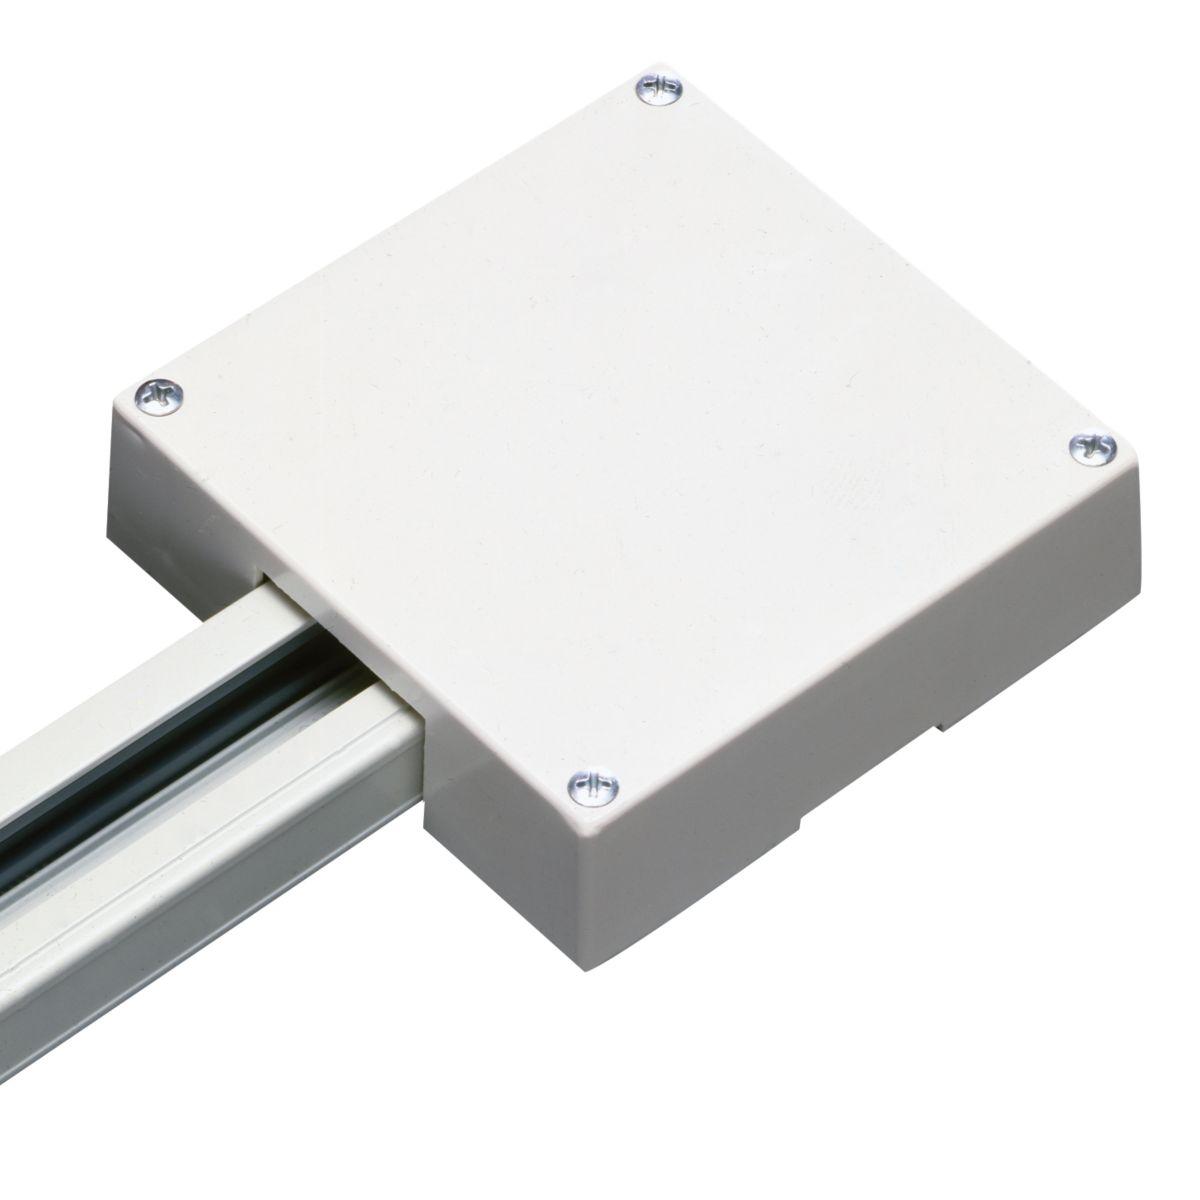 L907 Outlet Box